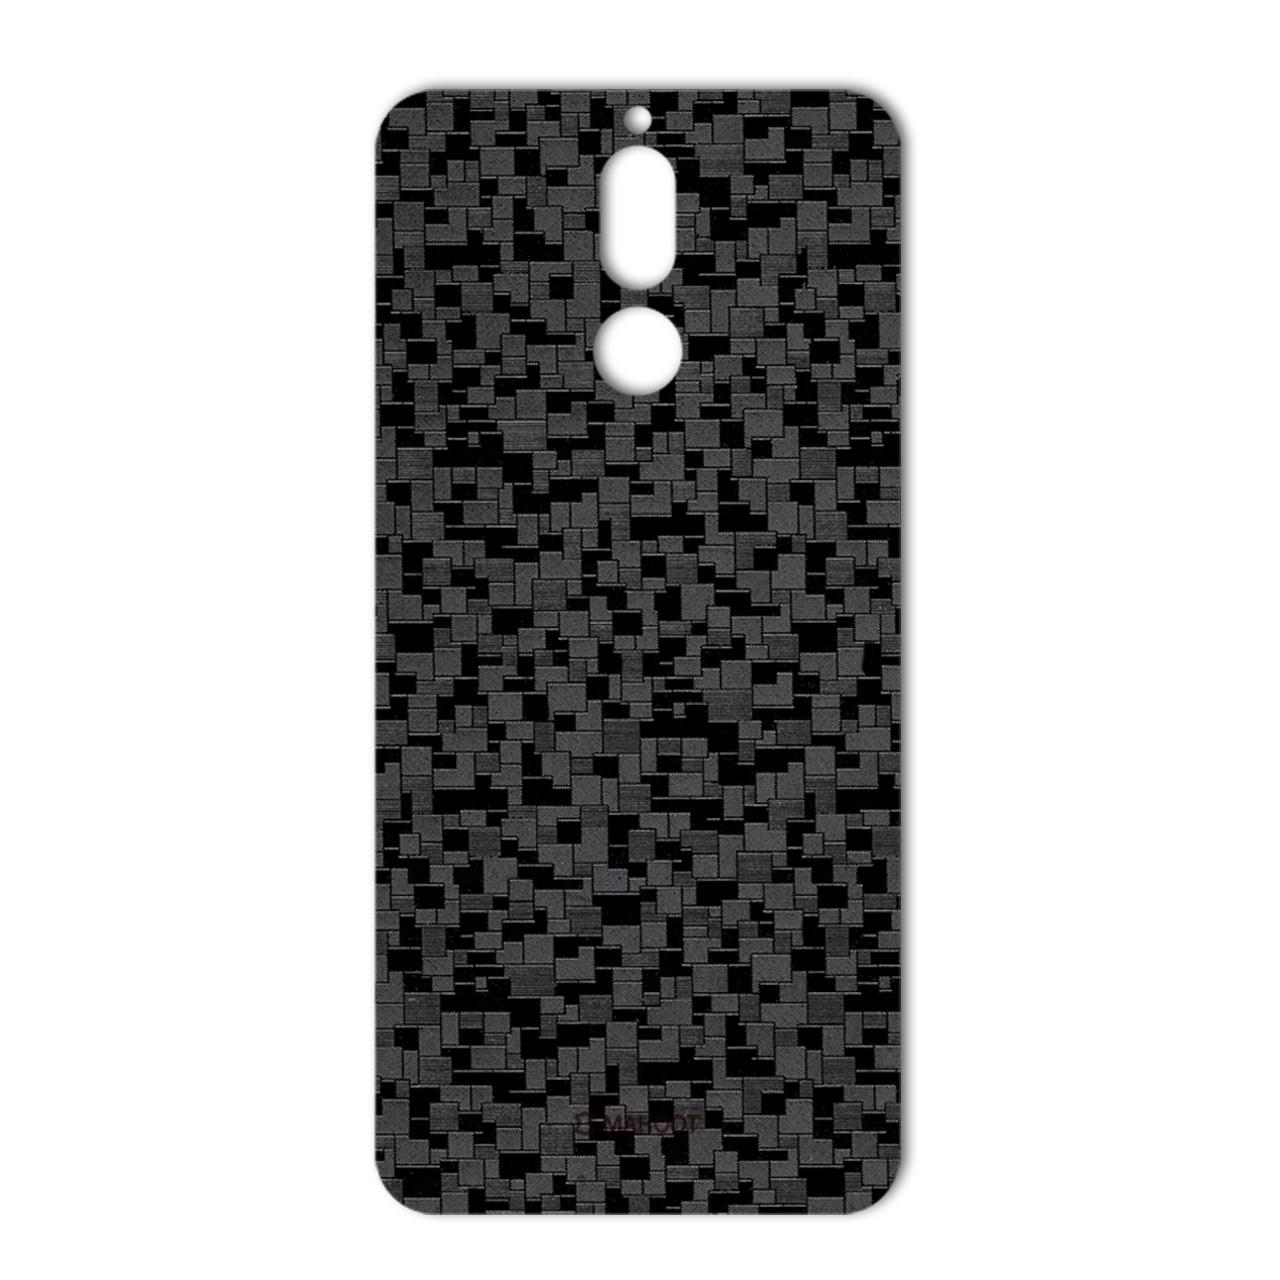 برچسب تزئینی ماهوت مدل Silicon Texture مناسب برای گوشی  Huawei Mate 10 Lite